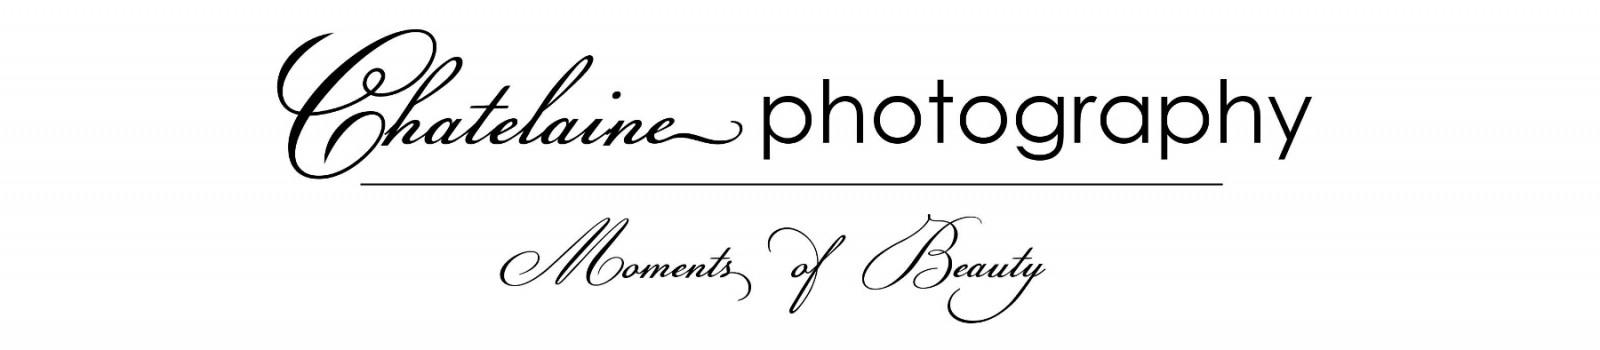 ChatelainePhotography